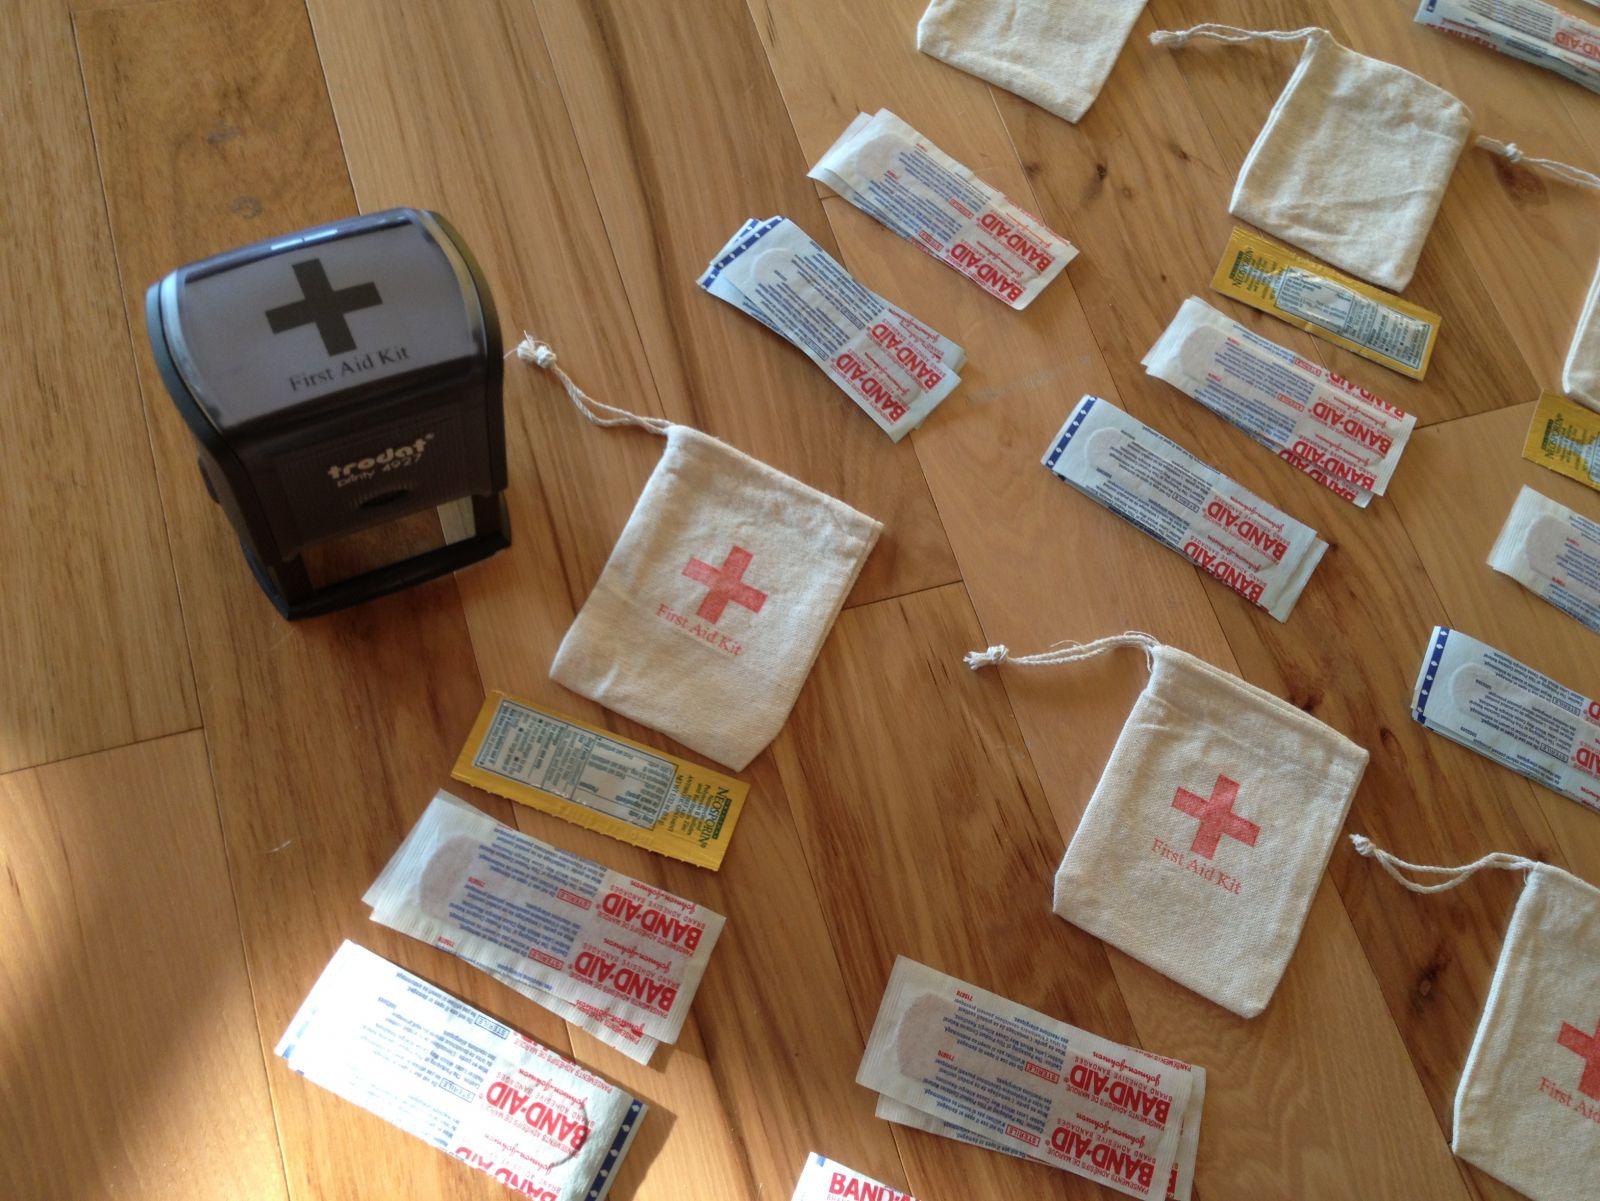 Cute First-Aid Kit Stamp+6 mini canvas bags+4 beach bags